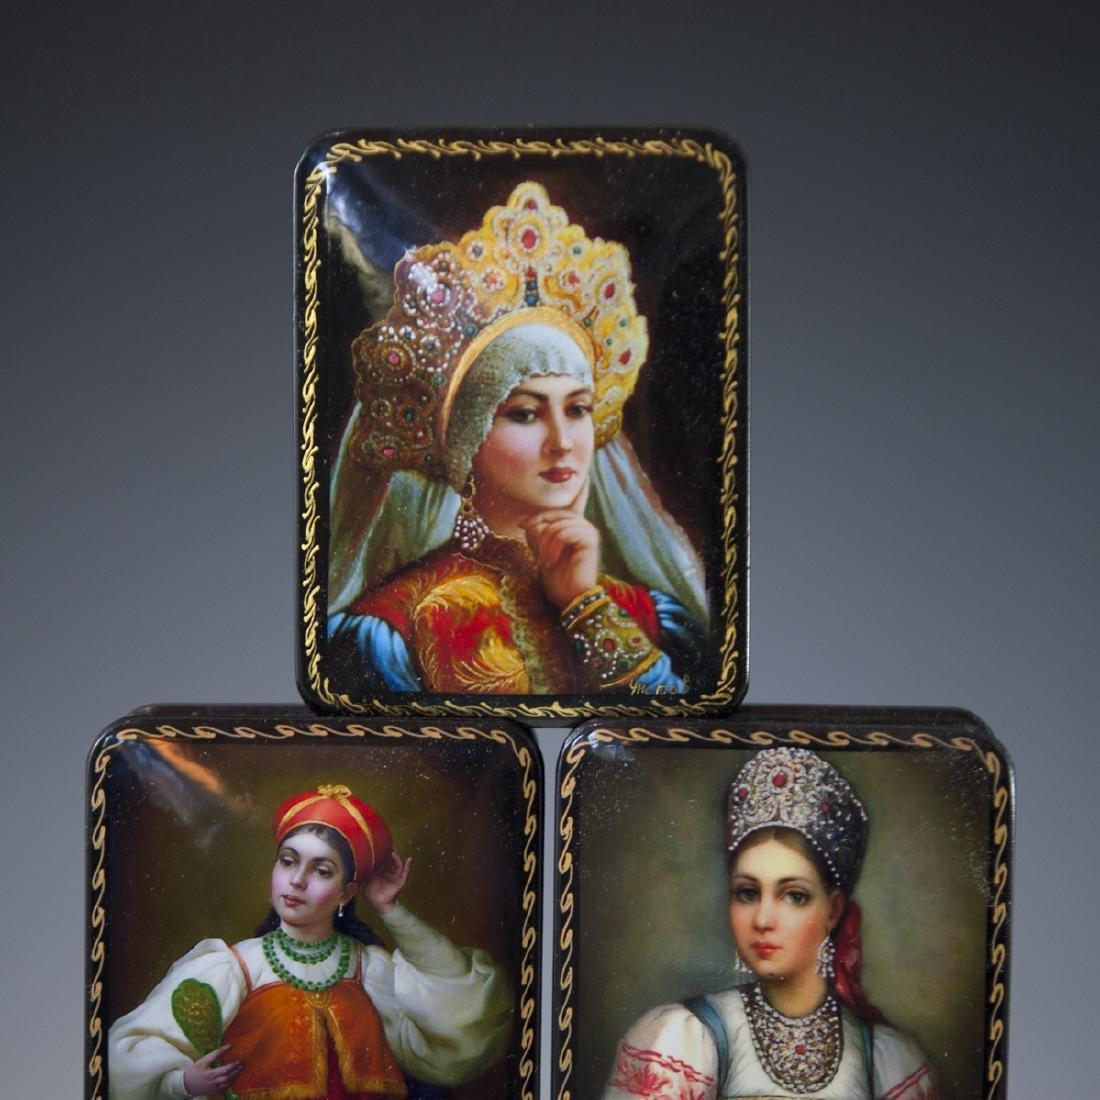 Russian Lacquered Papier Mache Boxes - 4